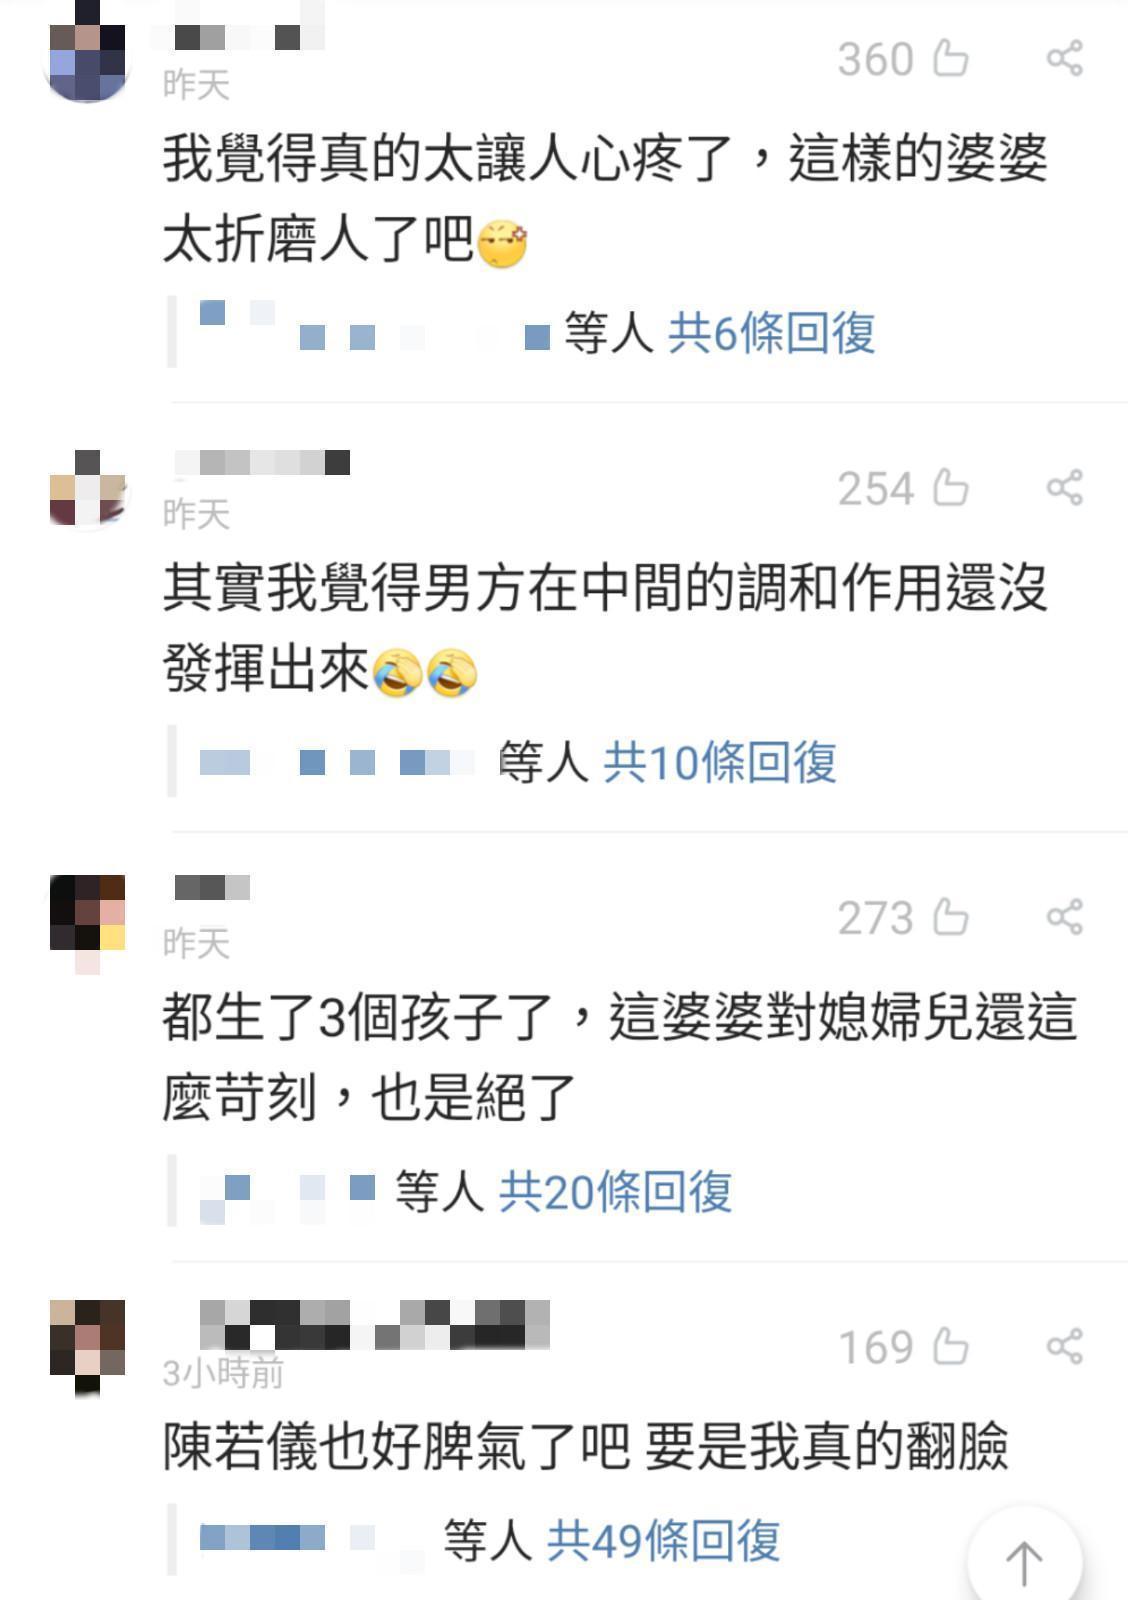 入戲網友紛紛為陳若儀說話,認為她受氣。(翻攝自微博)